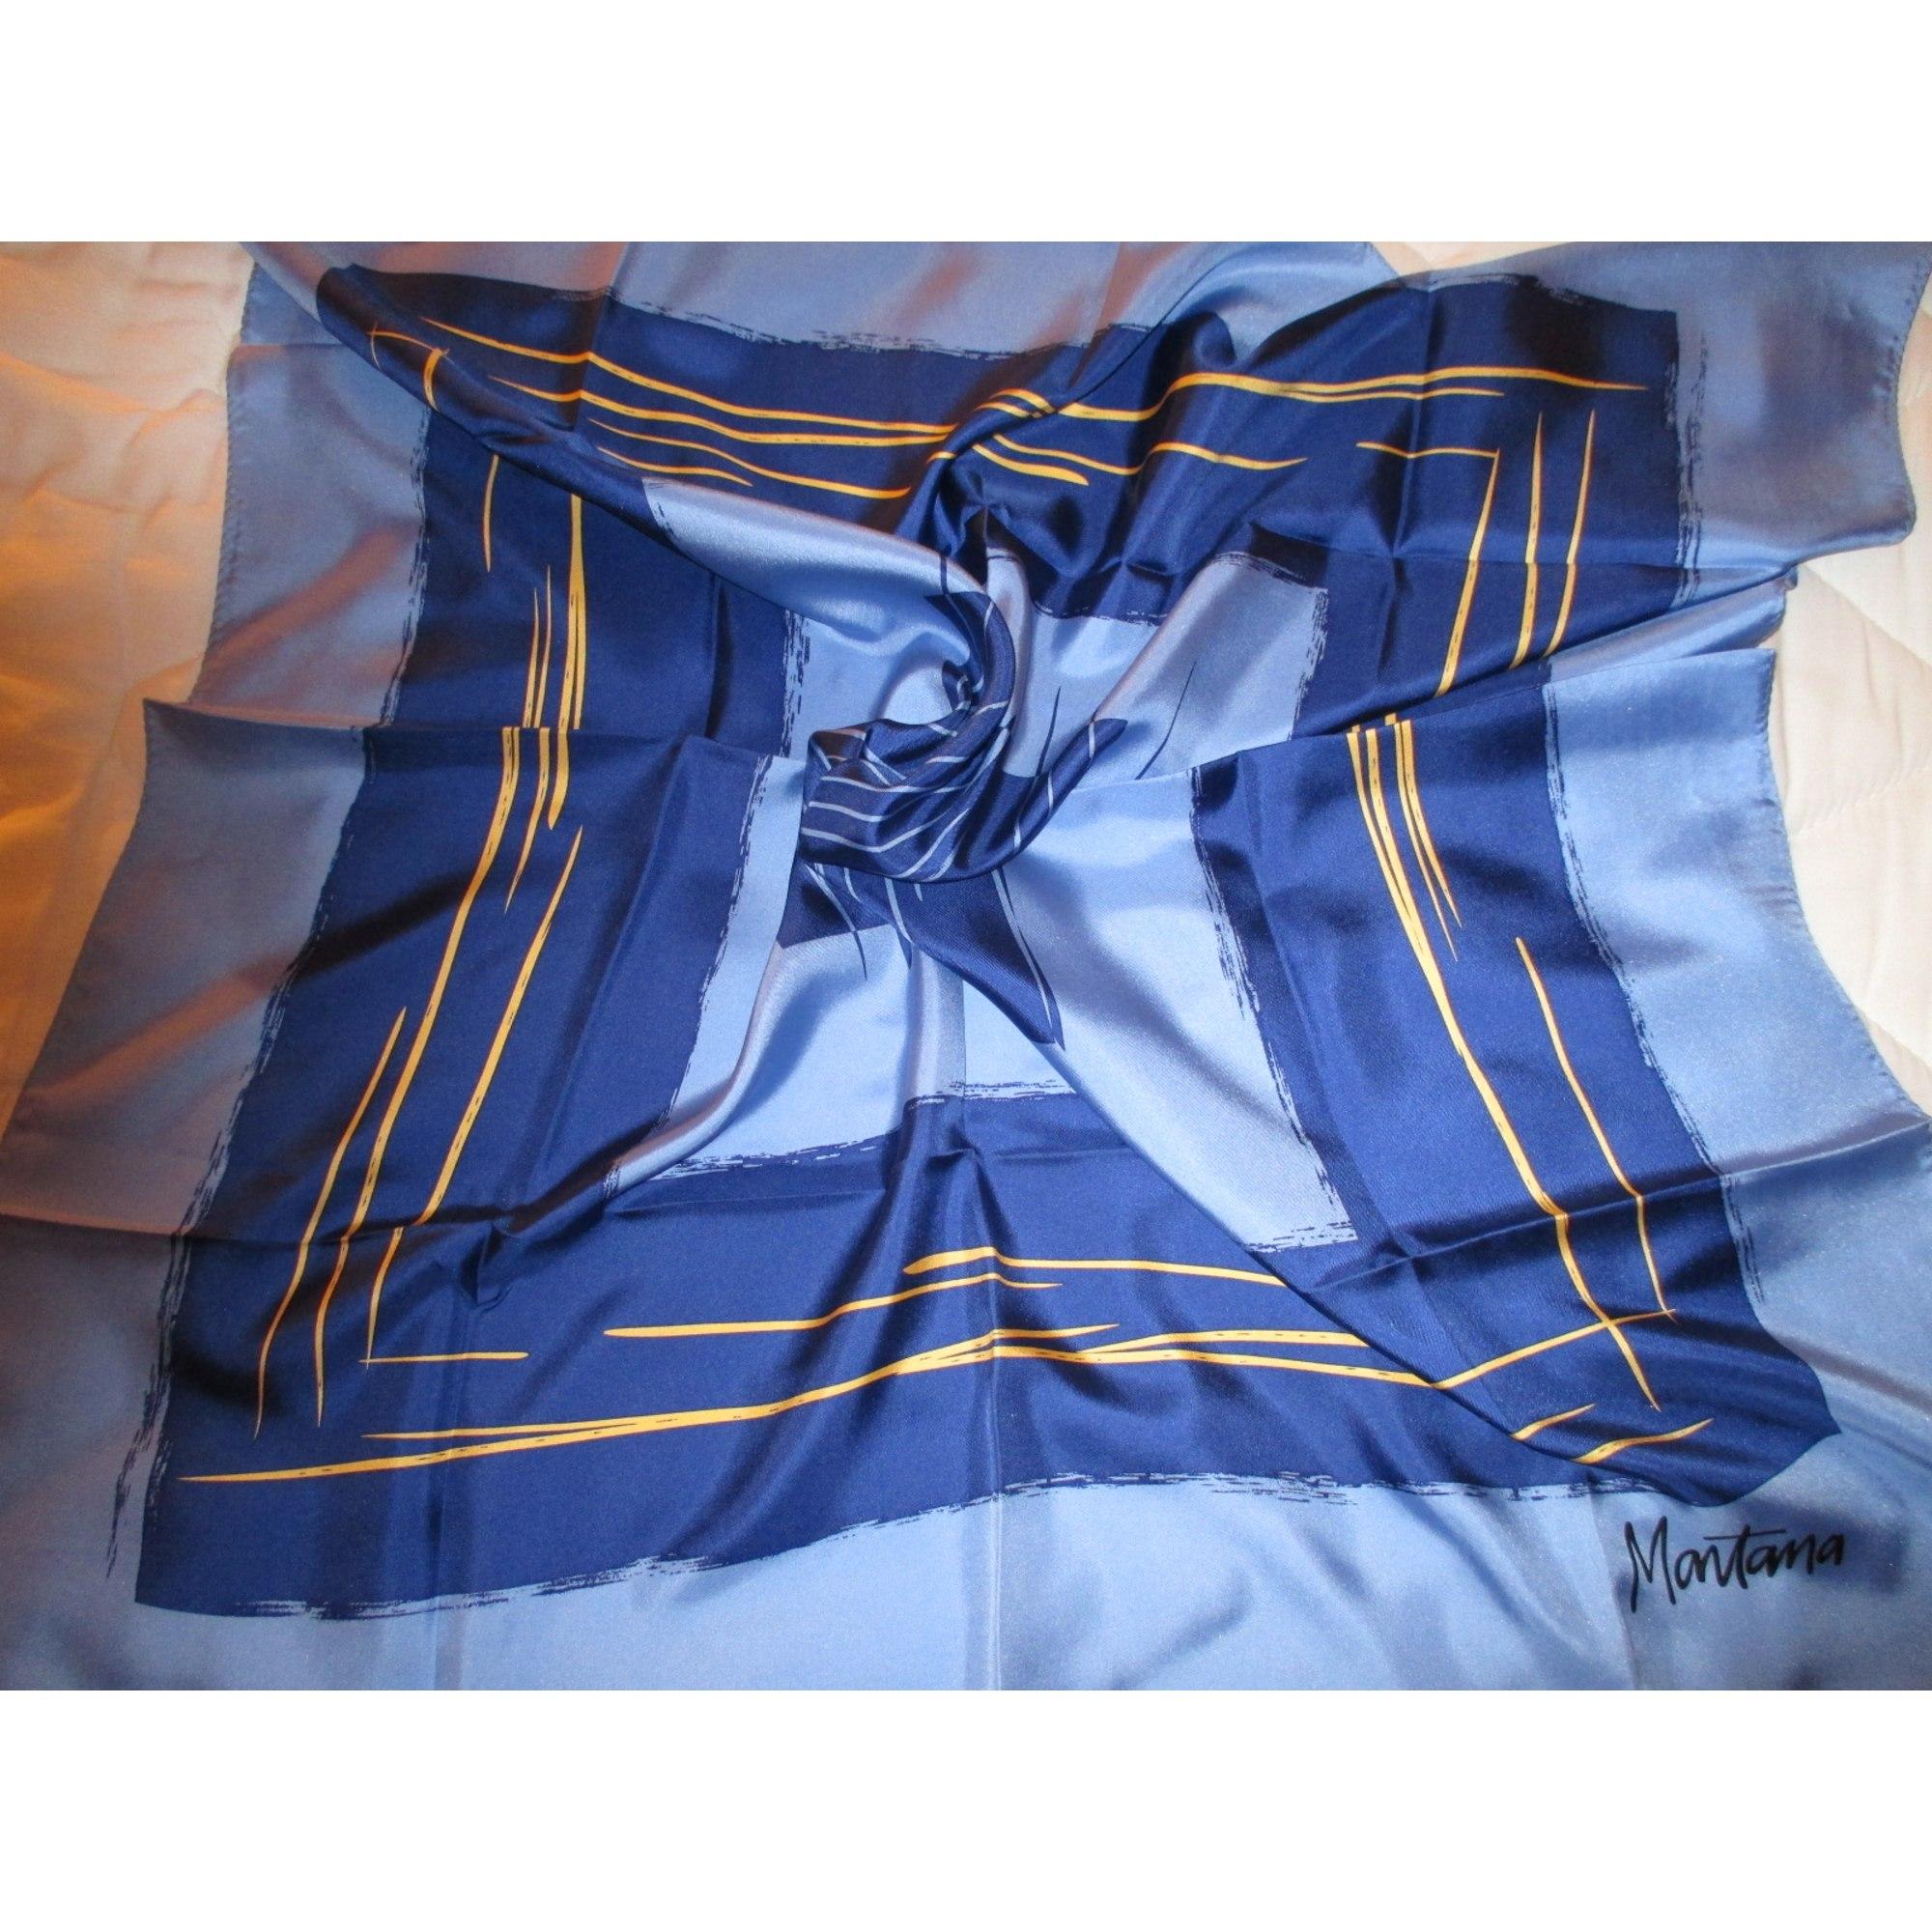 Foulard MONTANA Bleu, bleu marine, bleu turquoise